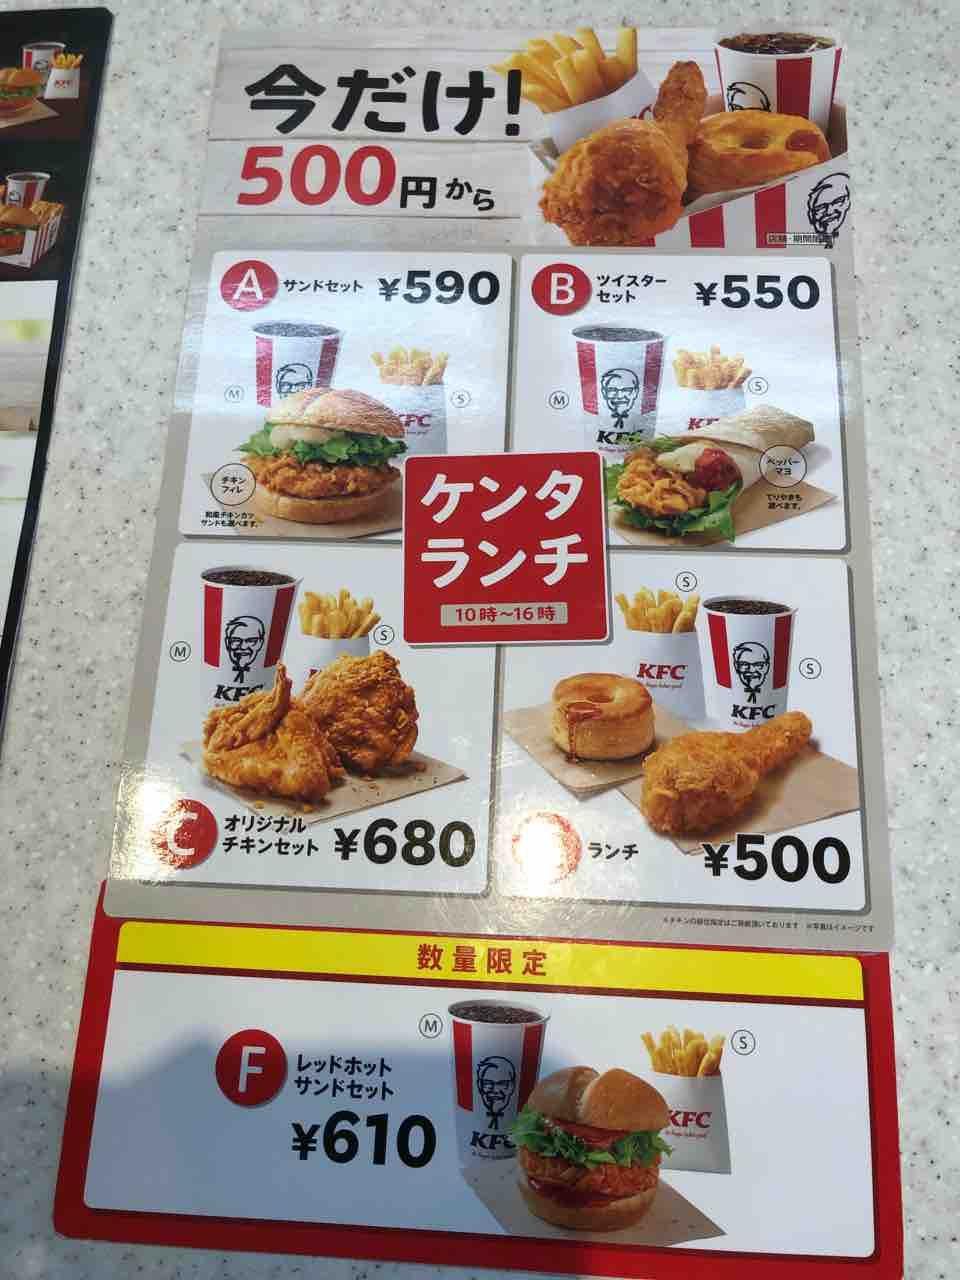 ケンタッキーフライドチキン江南店 今だけ500円からのランチメニュー